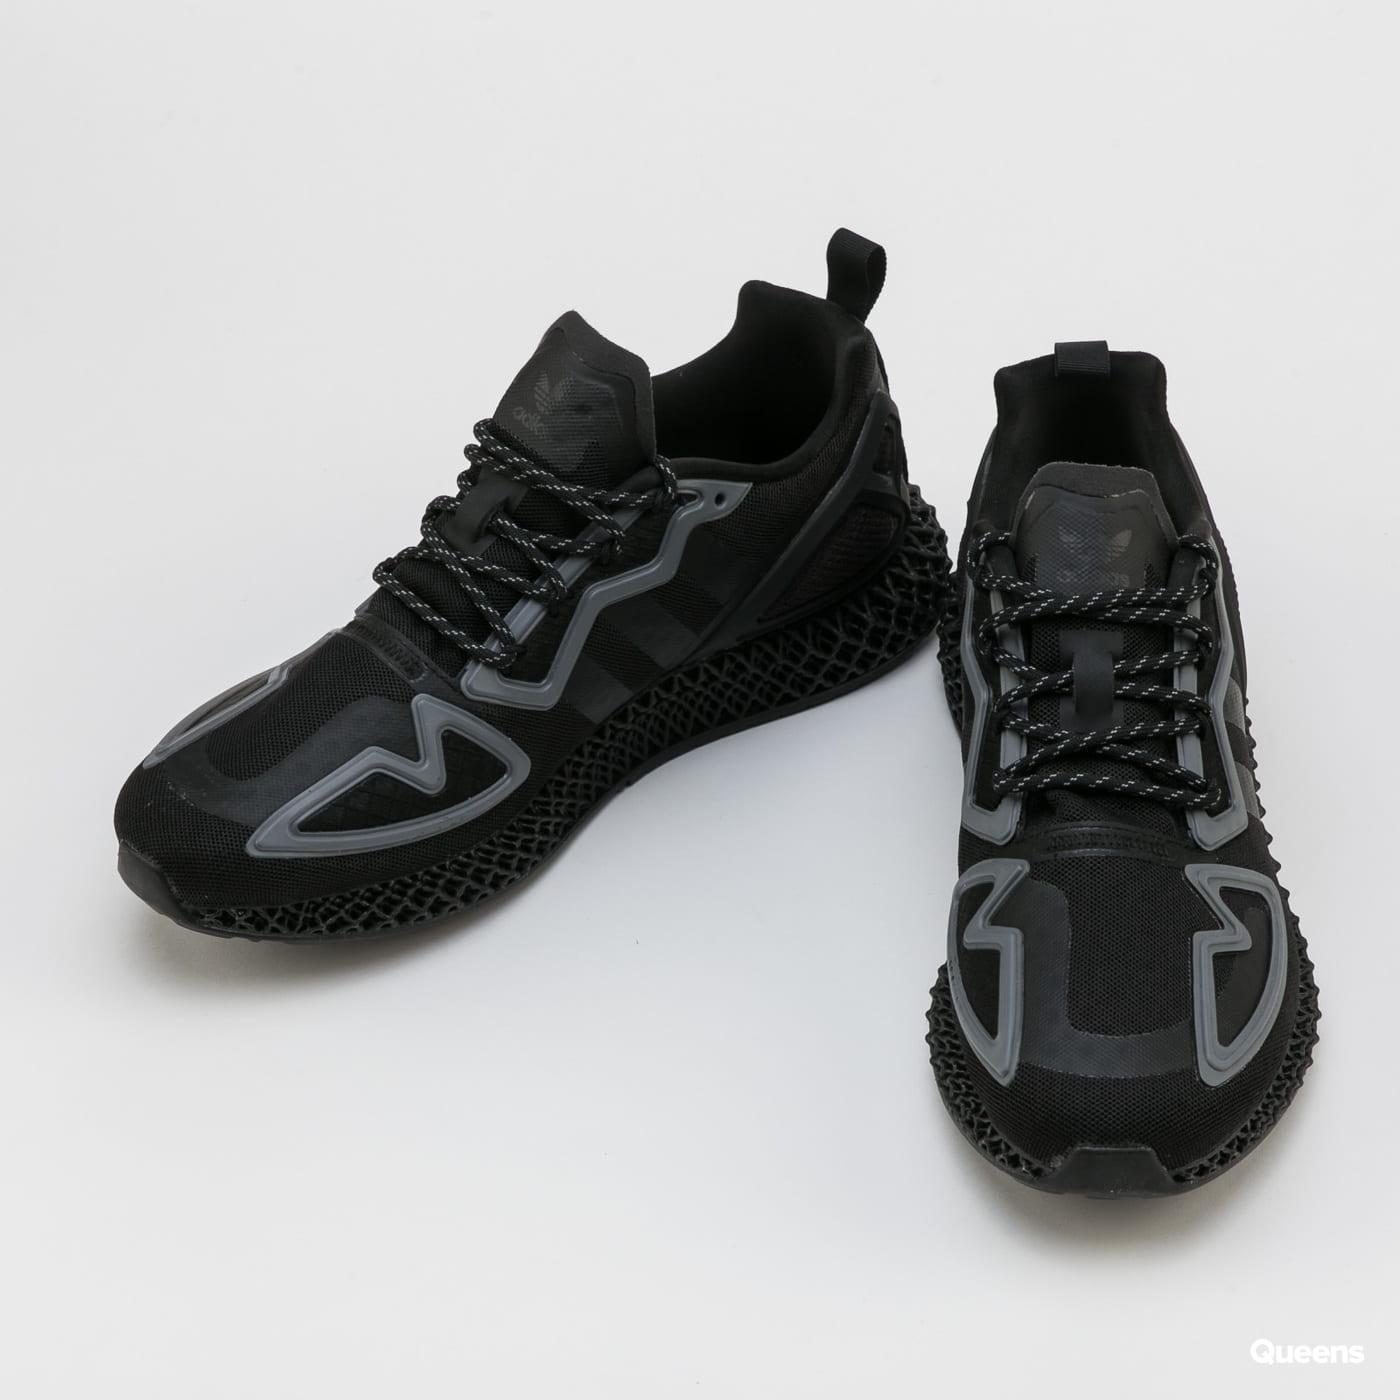 adidas Originals ZX 2K 4D cblack / cblack / cblack